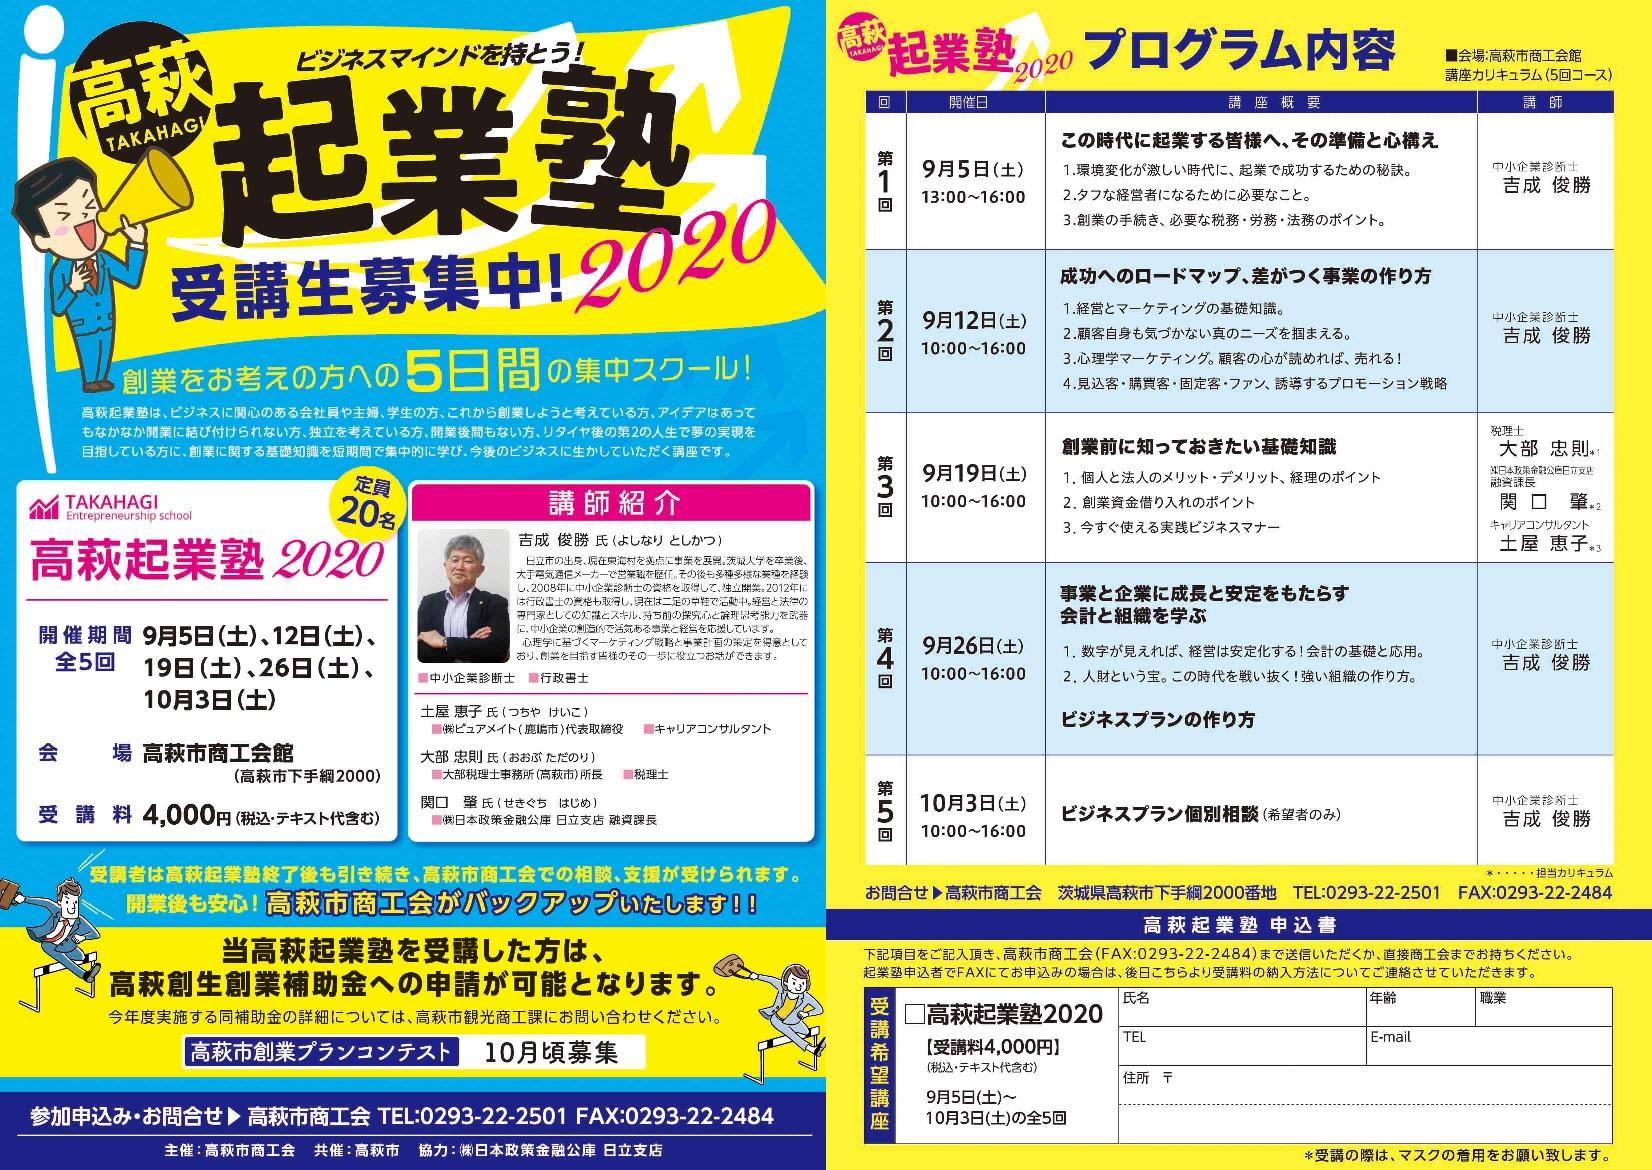 高萩起業塾2020(創業塾) 受講生募集中